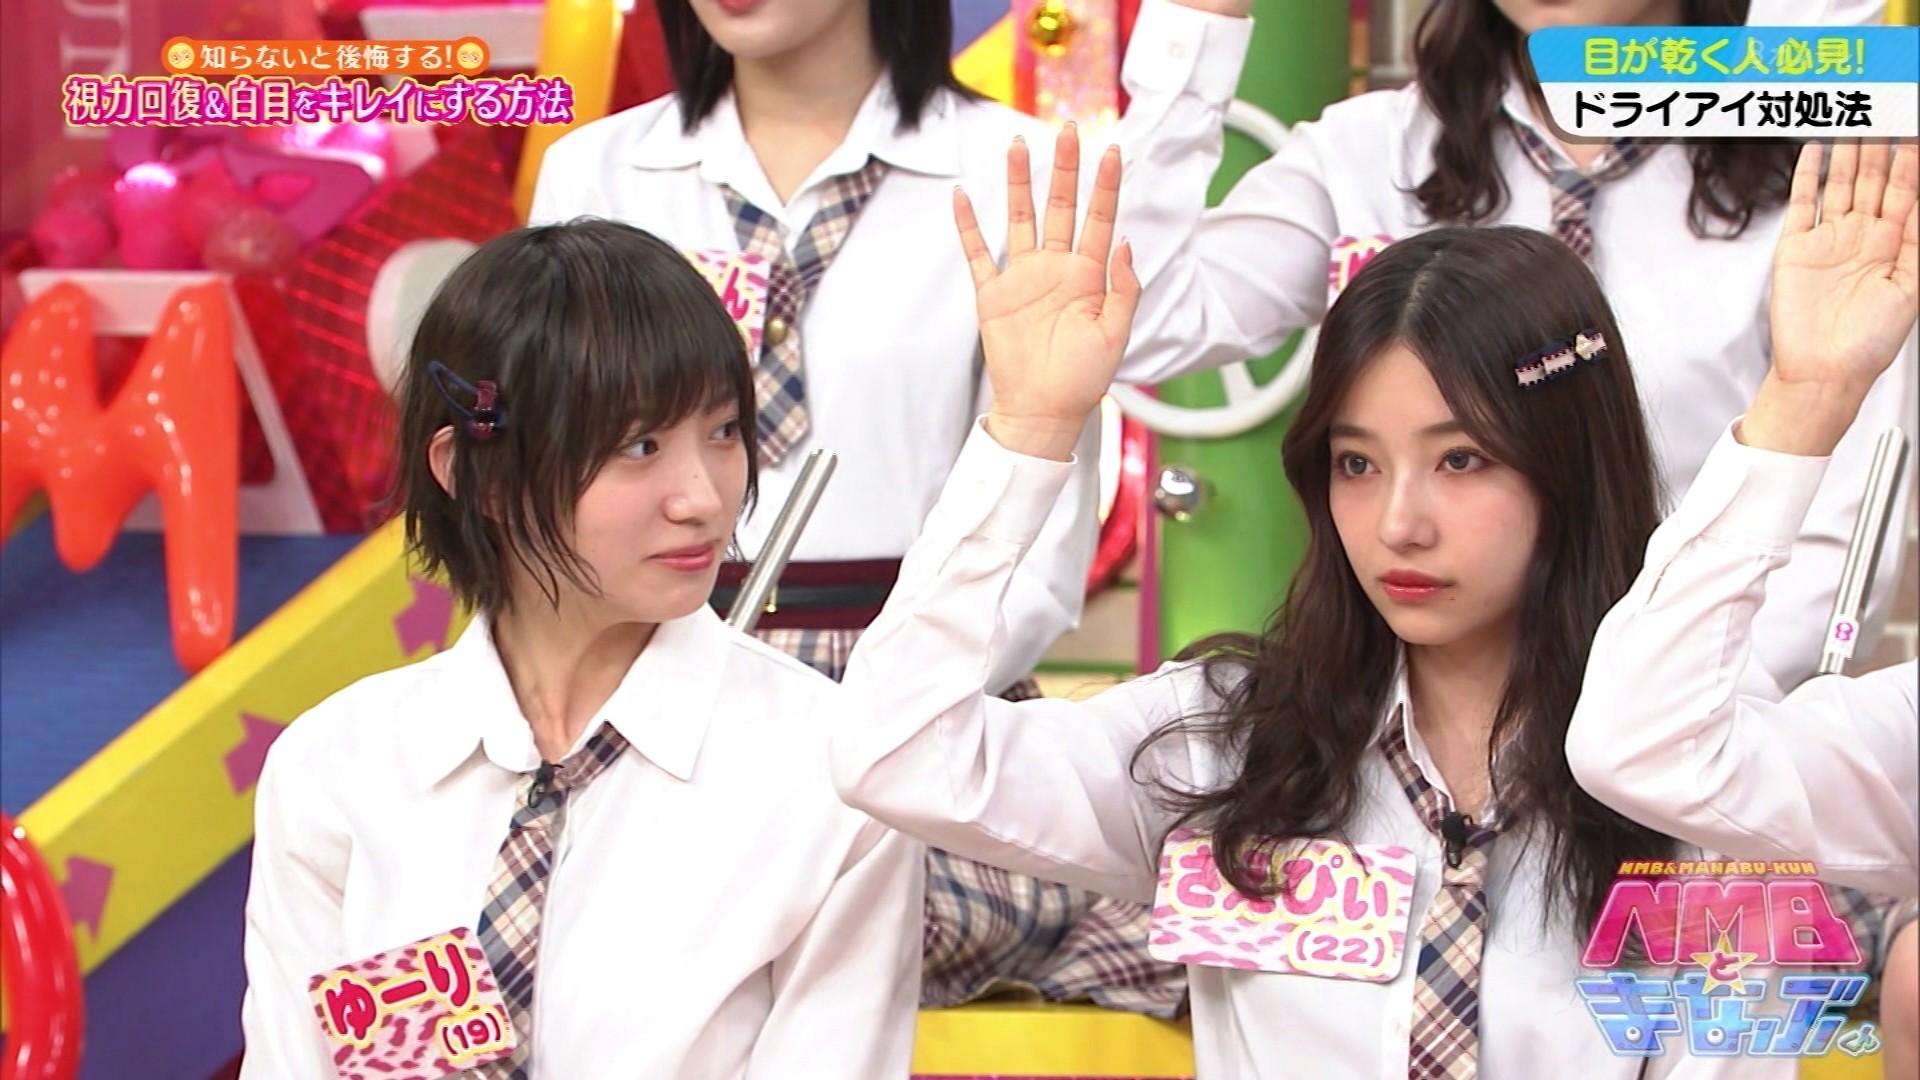 【NMB48】10月4日に放送された「NMBとまなぶくん」♯328の画像。視力回復&白目をキレイに